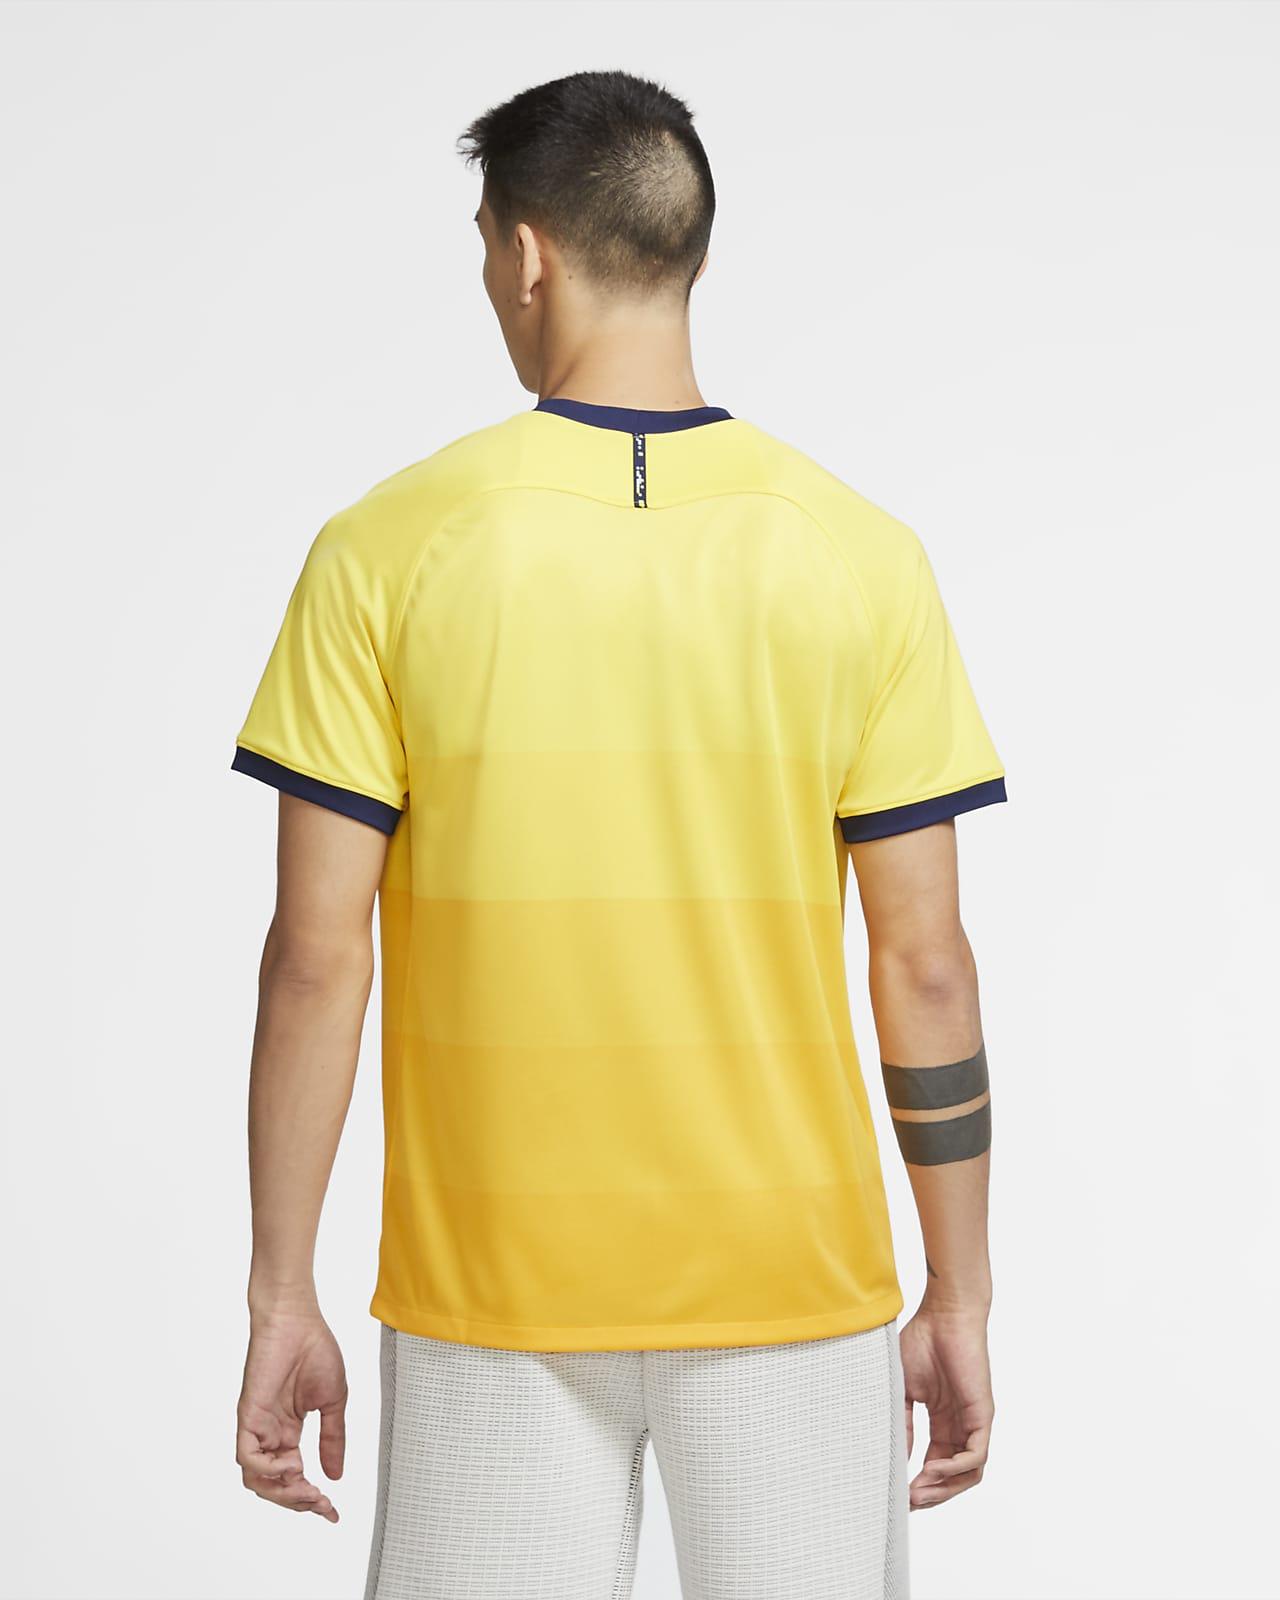 Tottenham Hotspur Football Club Official Soccer Gift Boys Long Sleeve Polo Shirt